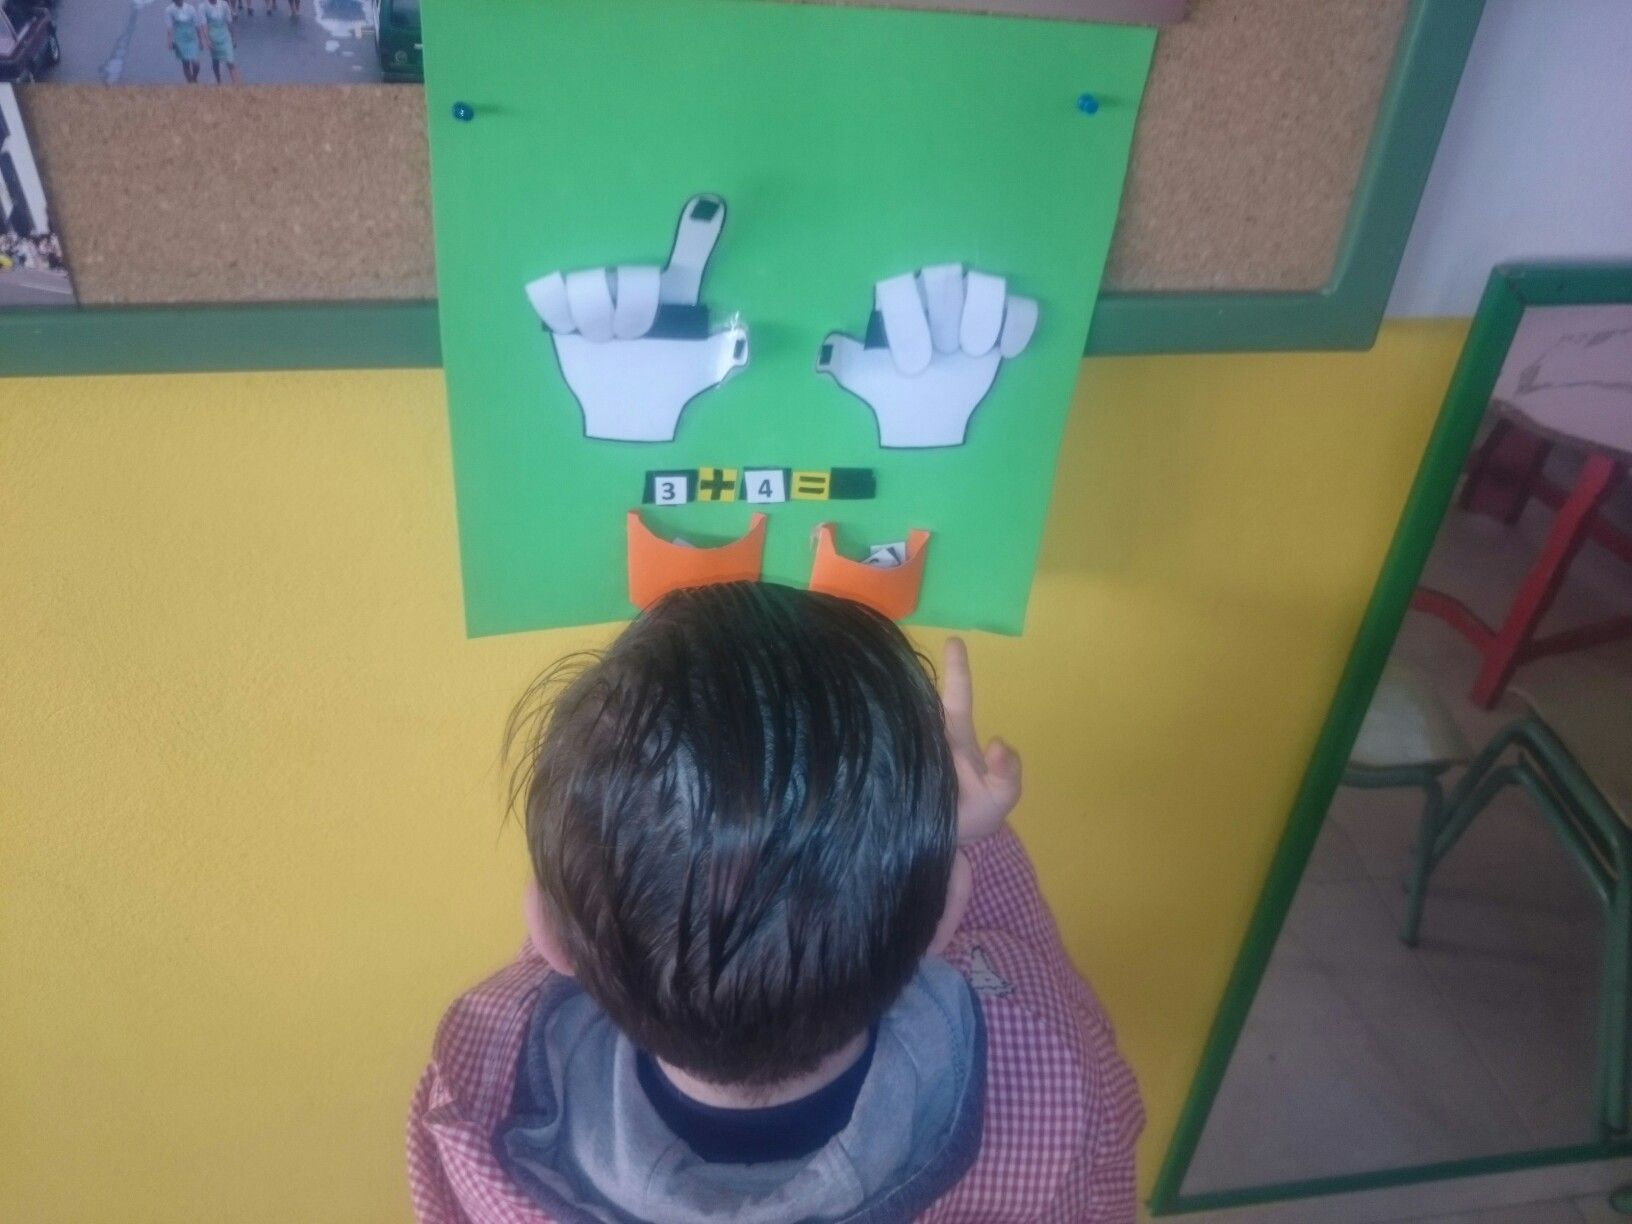 Y aunque en esta foto veamos un niño aprendiendo a sumar, no es lo que ésta quiere mostrar. Con este pin quiero reflejar la importancia del aprender a hacer haciendo, ya que es la única forma de que se aprenda bien.